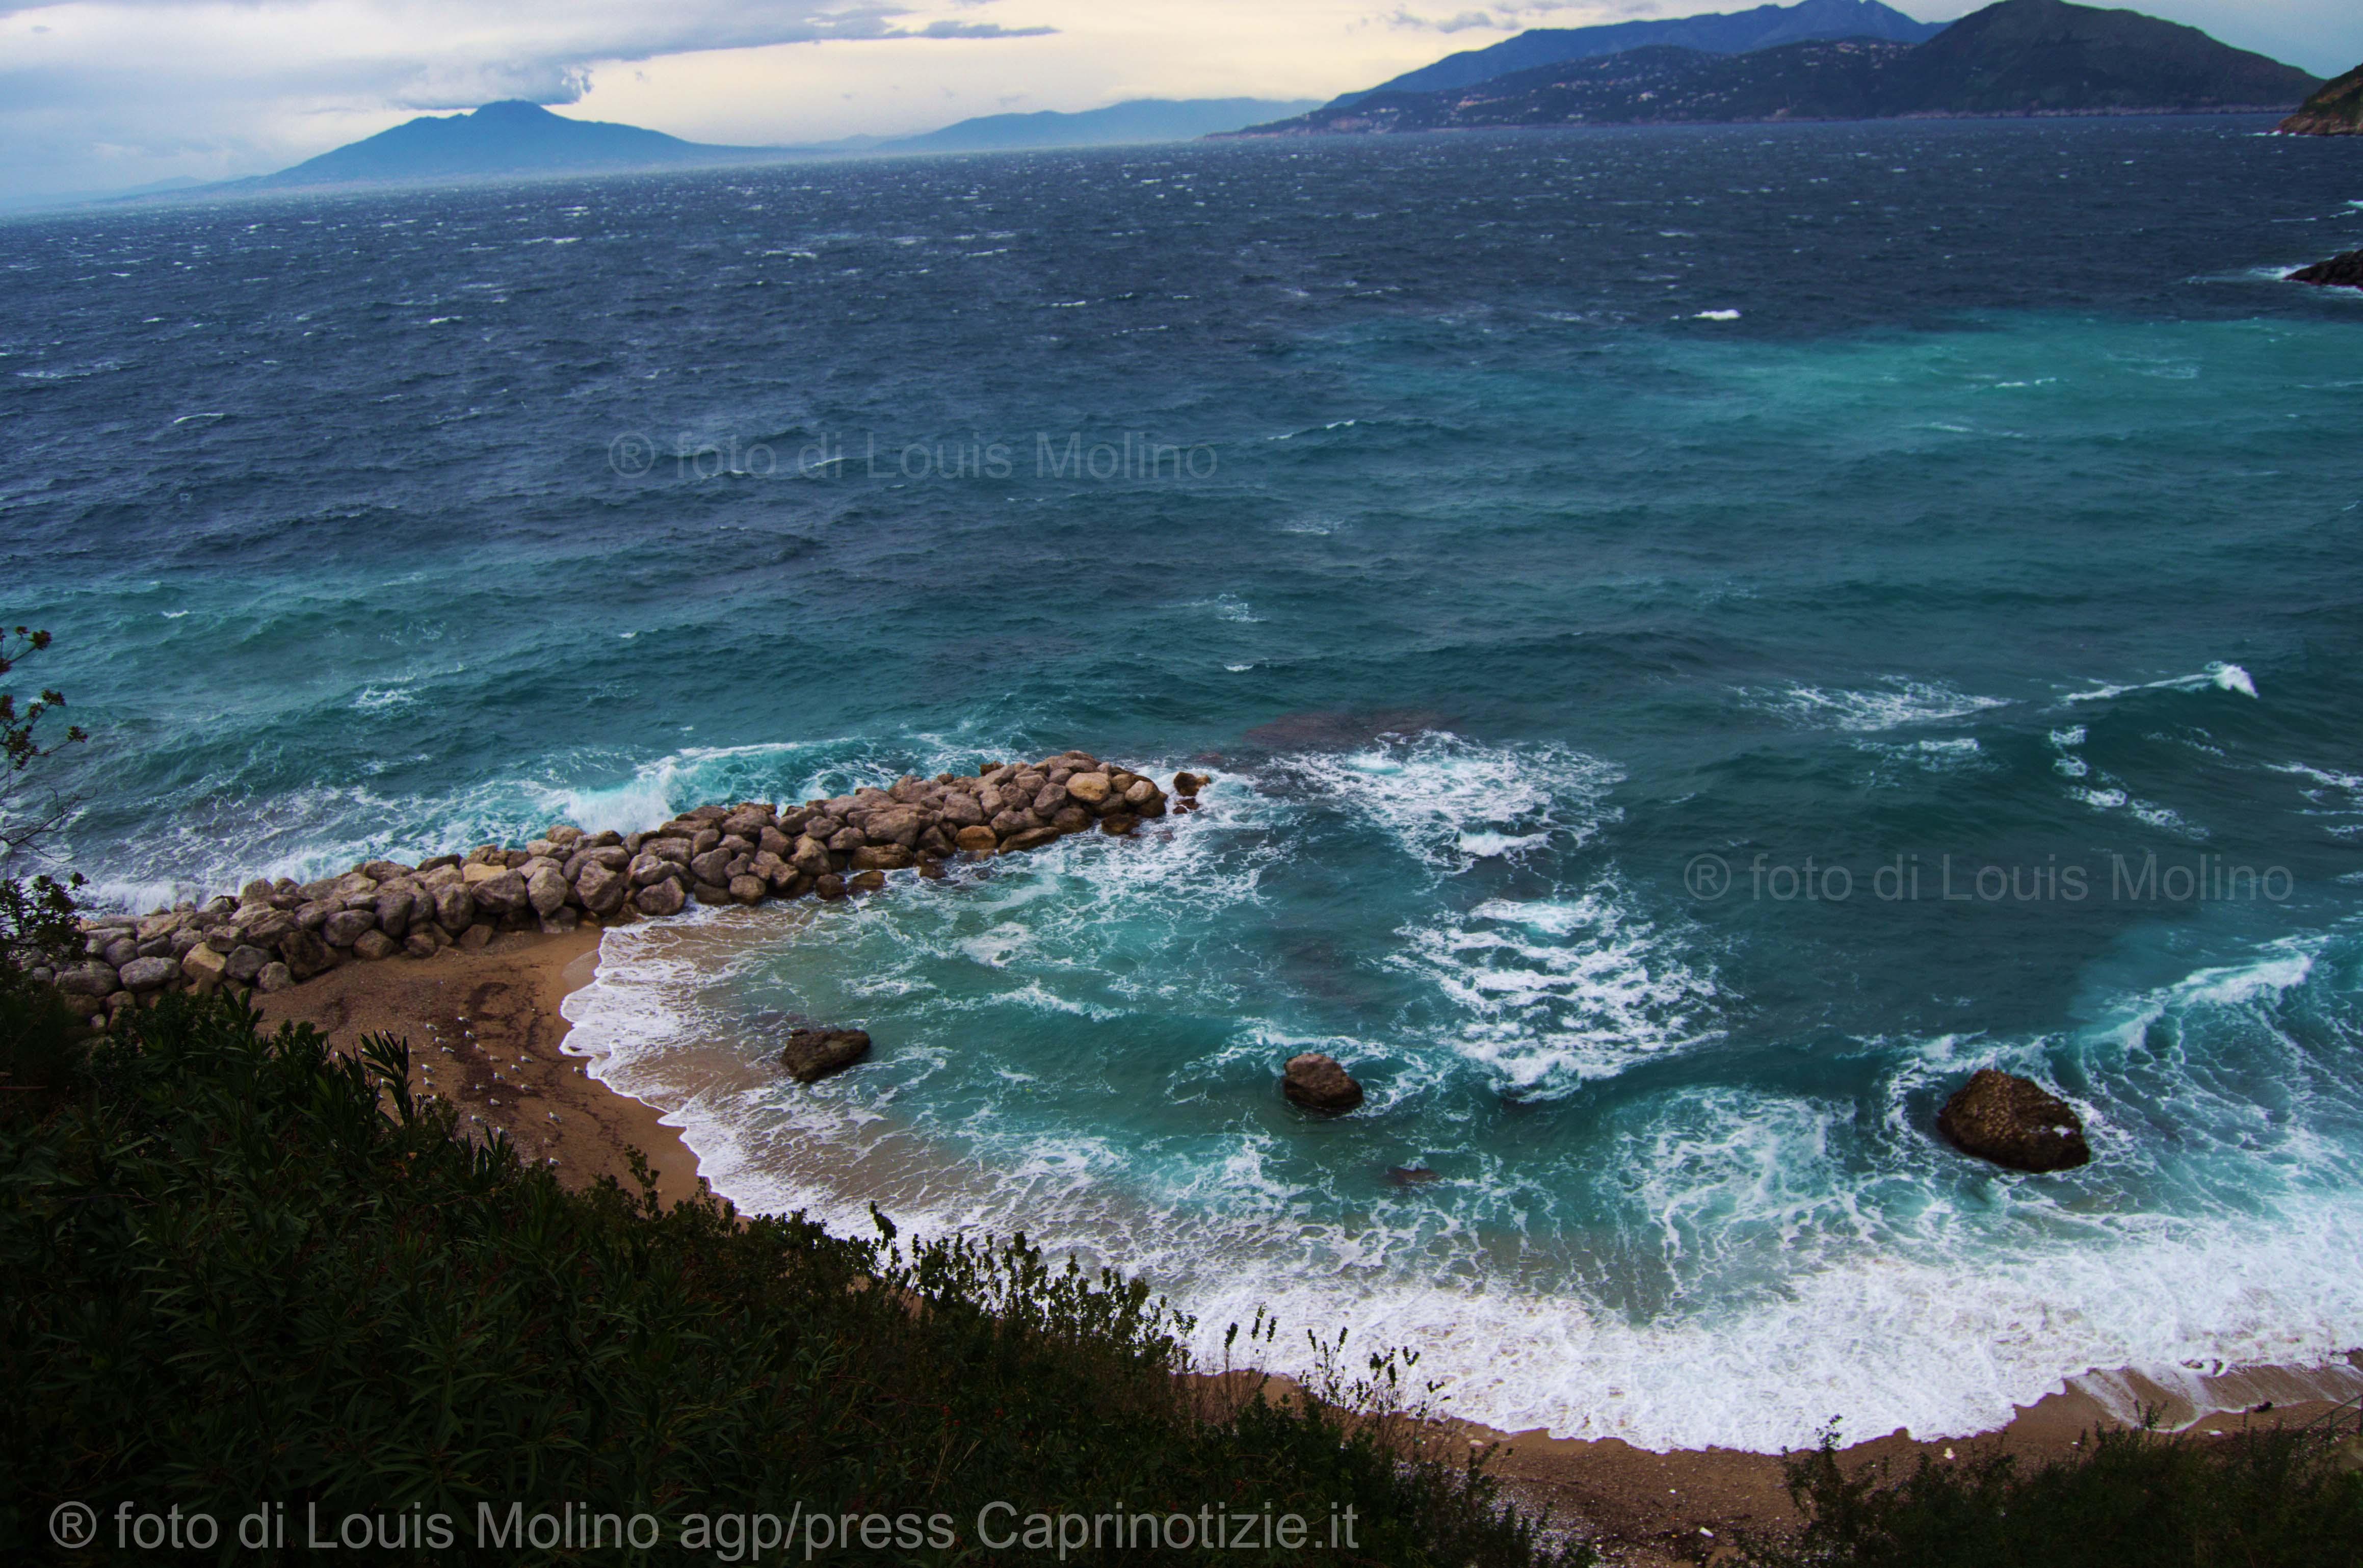 Capri: Venti forti da nord, la gelata della befana